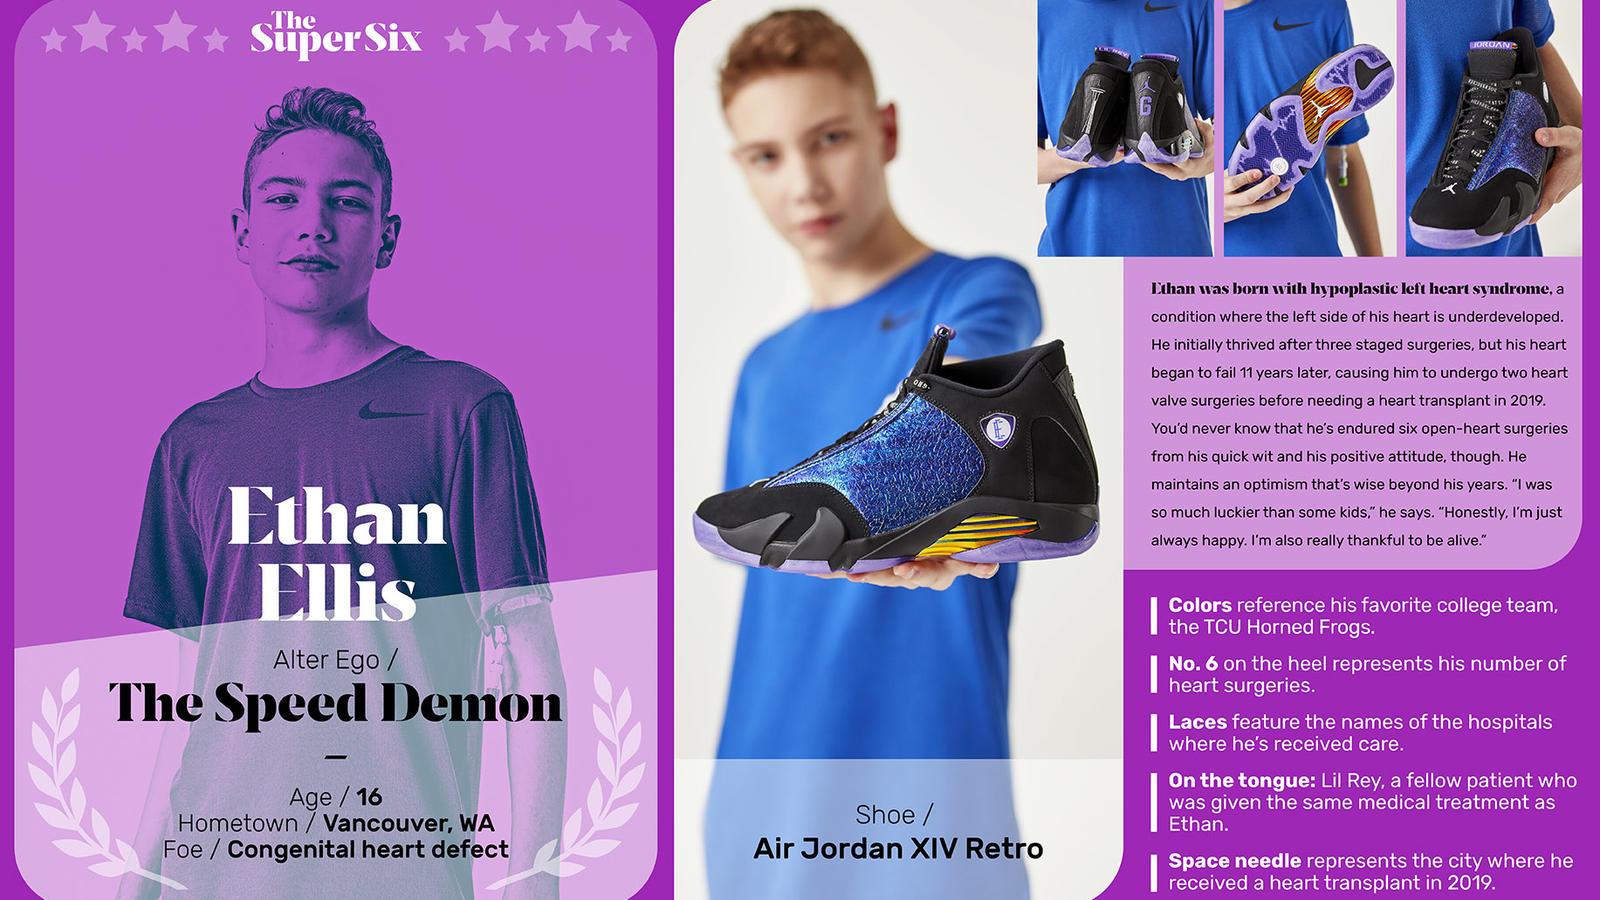 NikeNews_DoernbecherFreestyle2019_Ethan_card_04-01_hd_1600.jpg